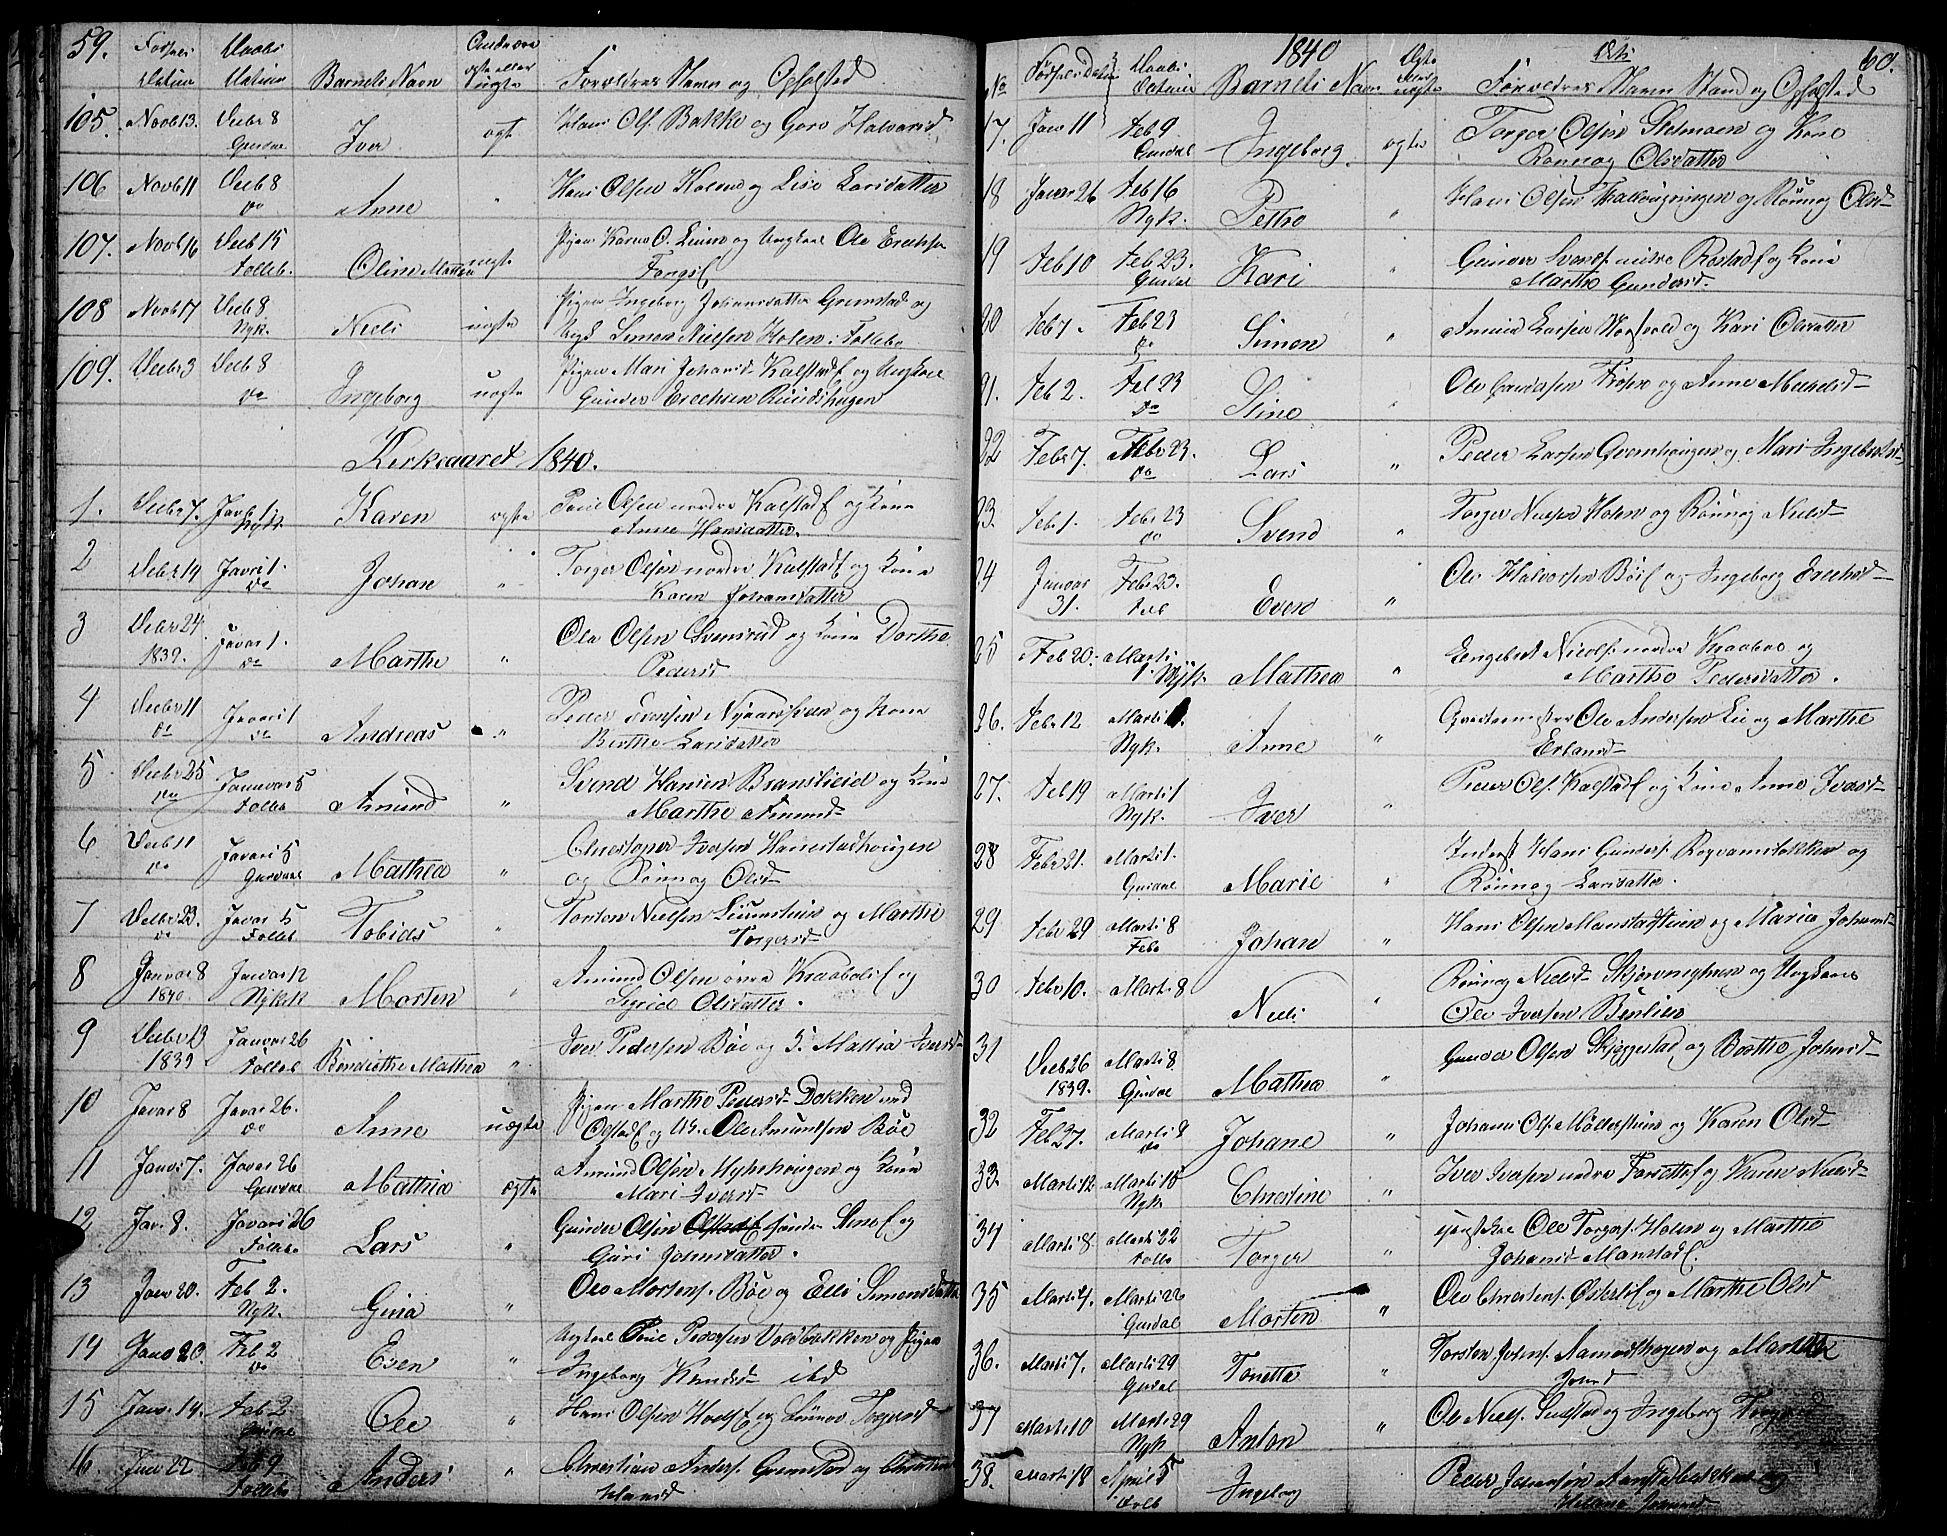 SAH, Gausdal prestekontor, Klokkerbok nr. 3, 1829-1864, s. 59-60